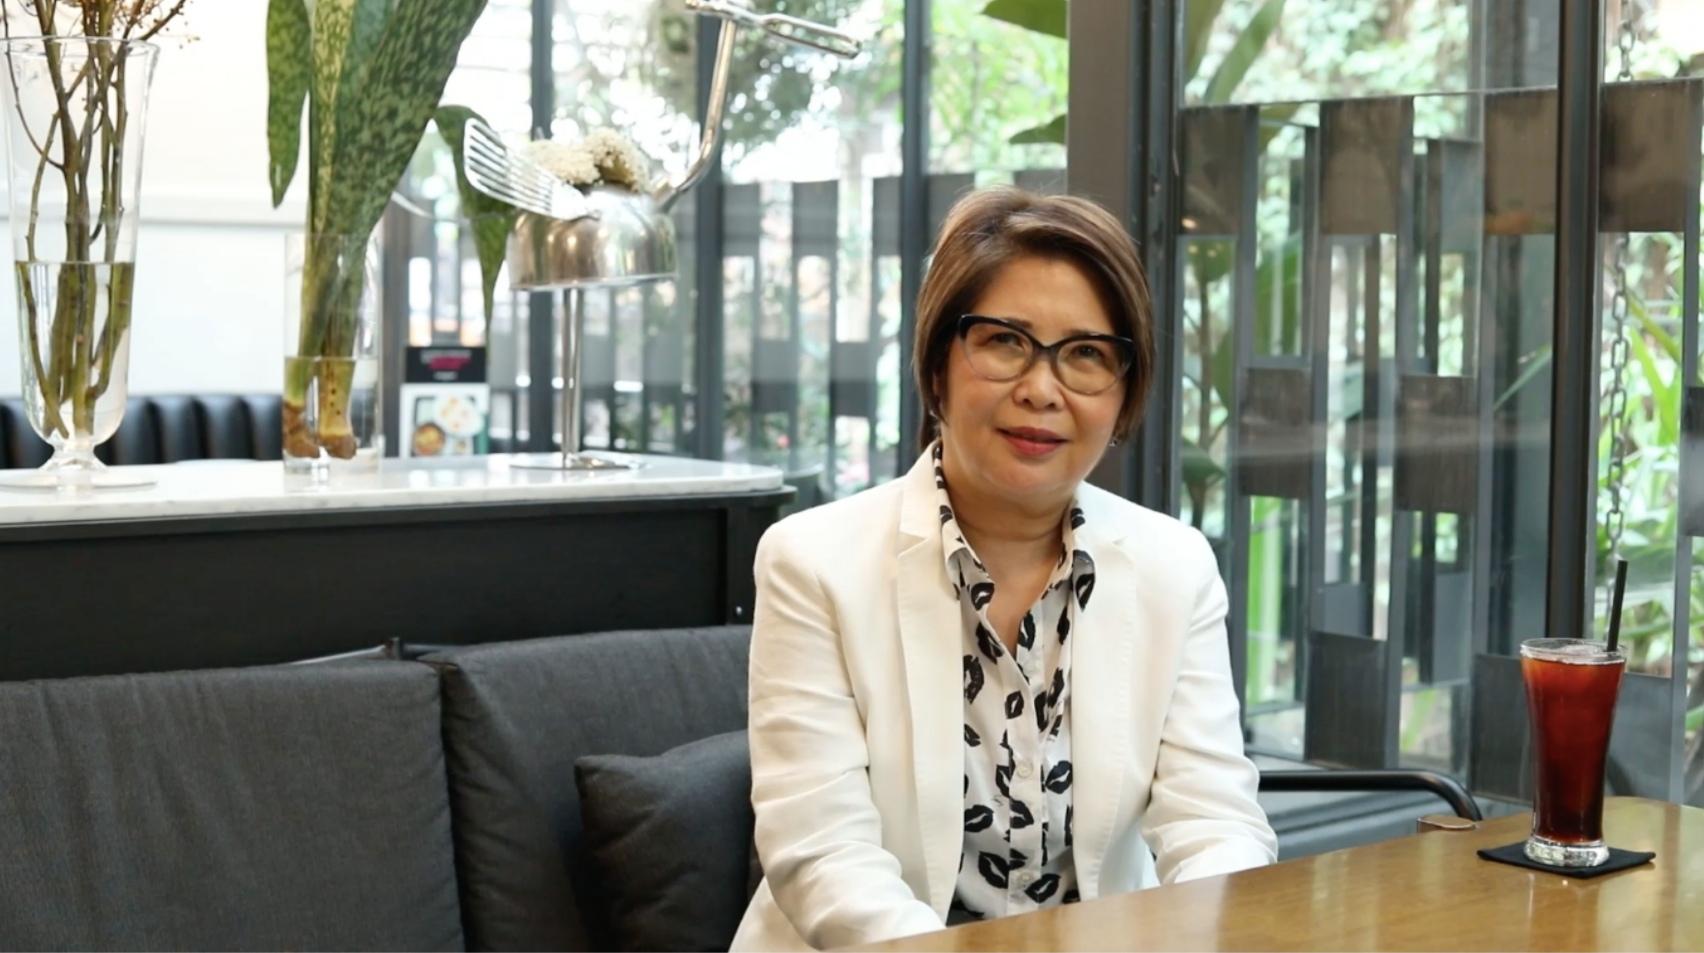 Screenshot 20200306 215759 Đồng sáng lập Greyhound Café Bà Pornsiri: Chúng tôi tự tin có một định vị thương hiệu đúng đắn để tạo được dấu ấn riêng ở thị trường Việt Nam